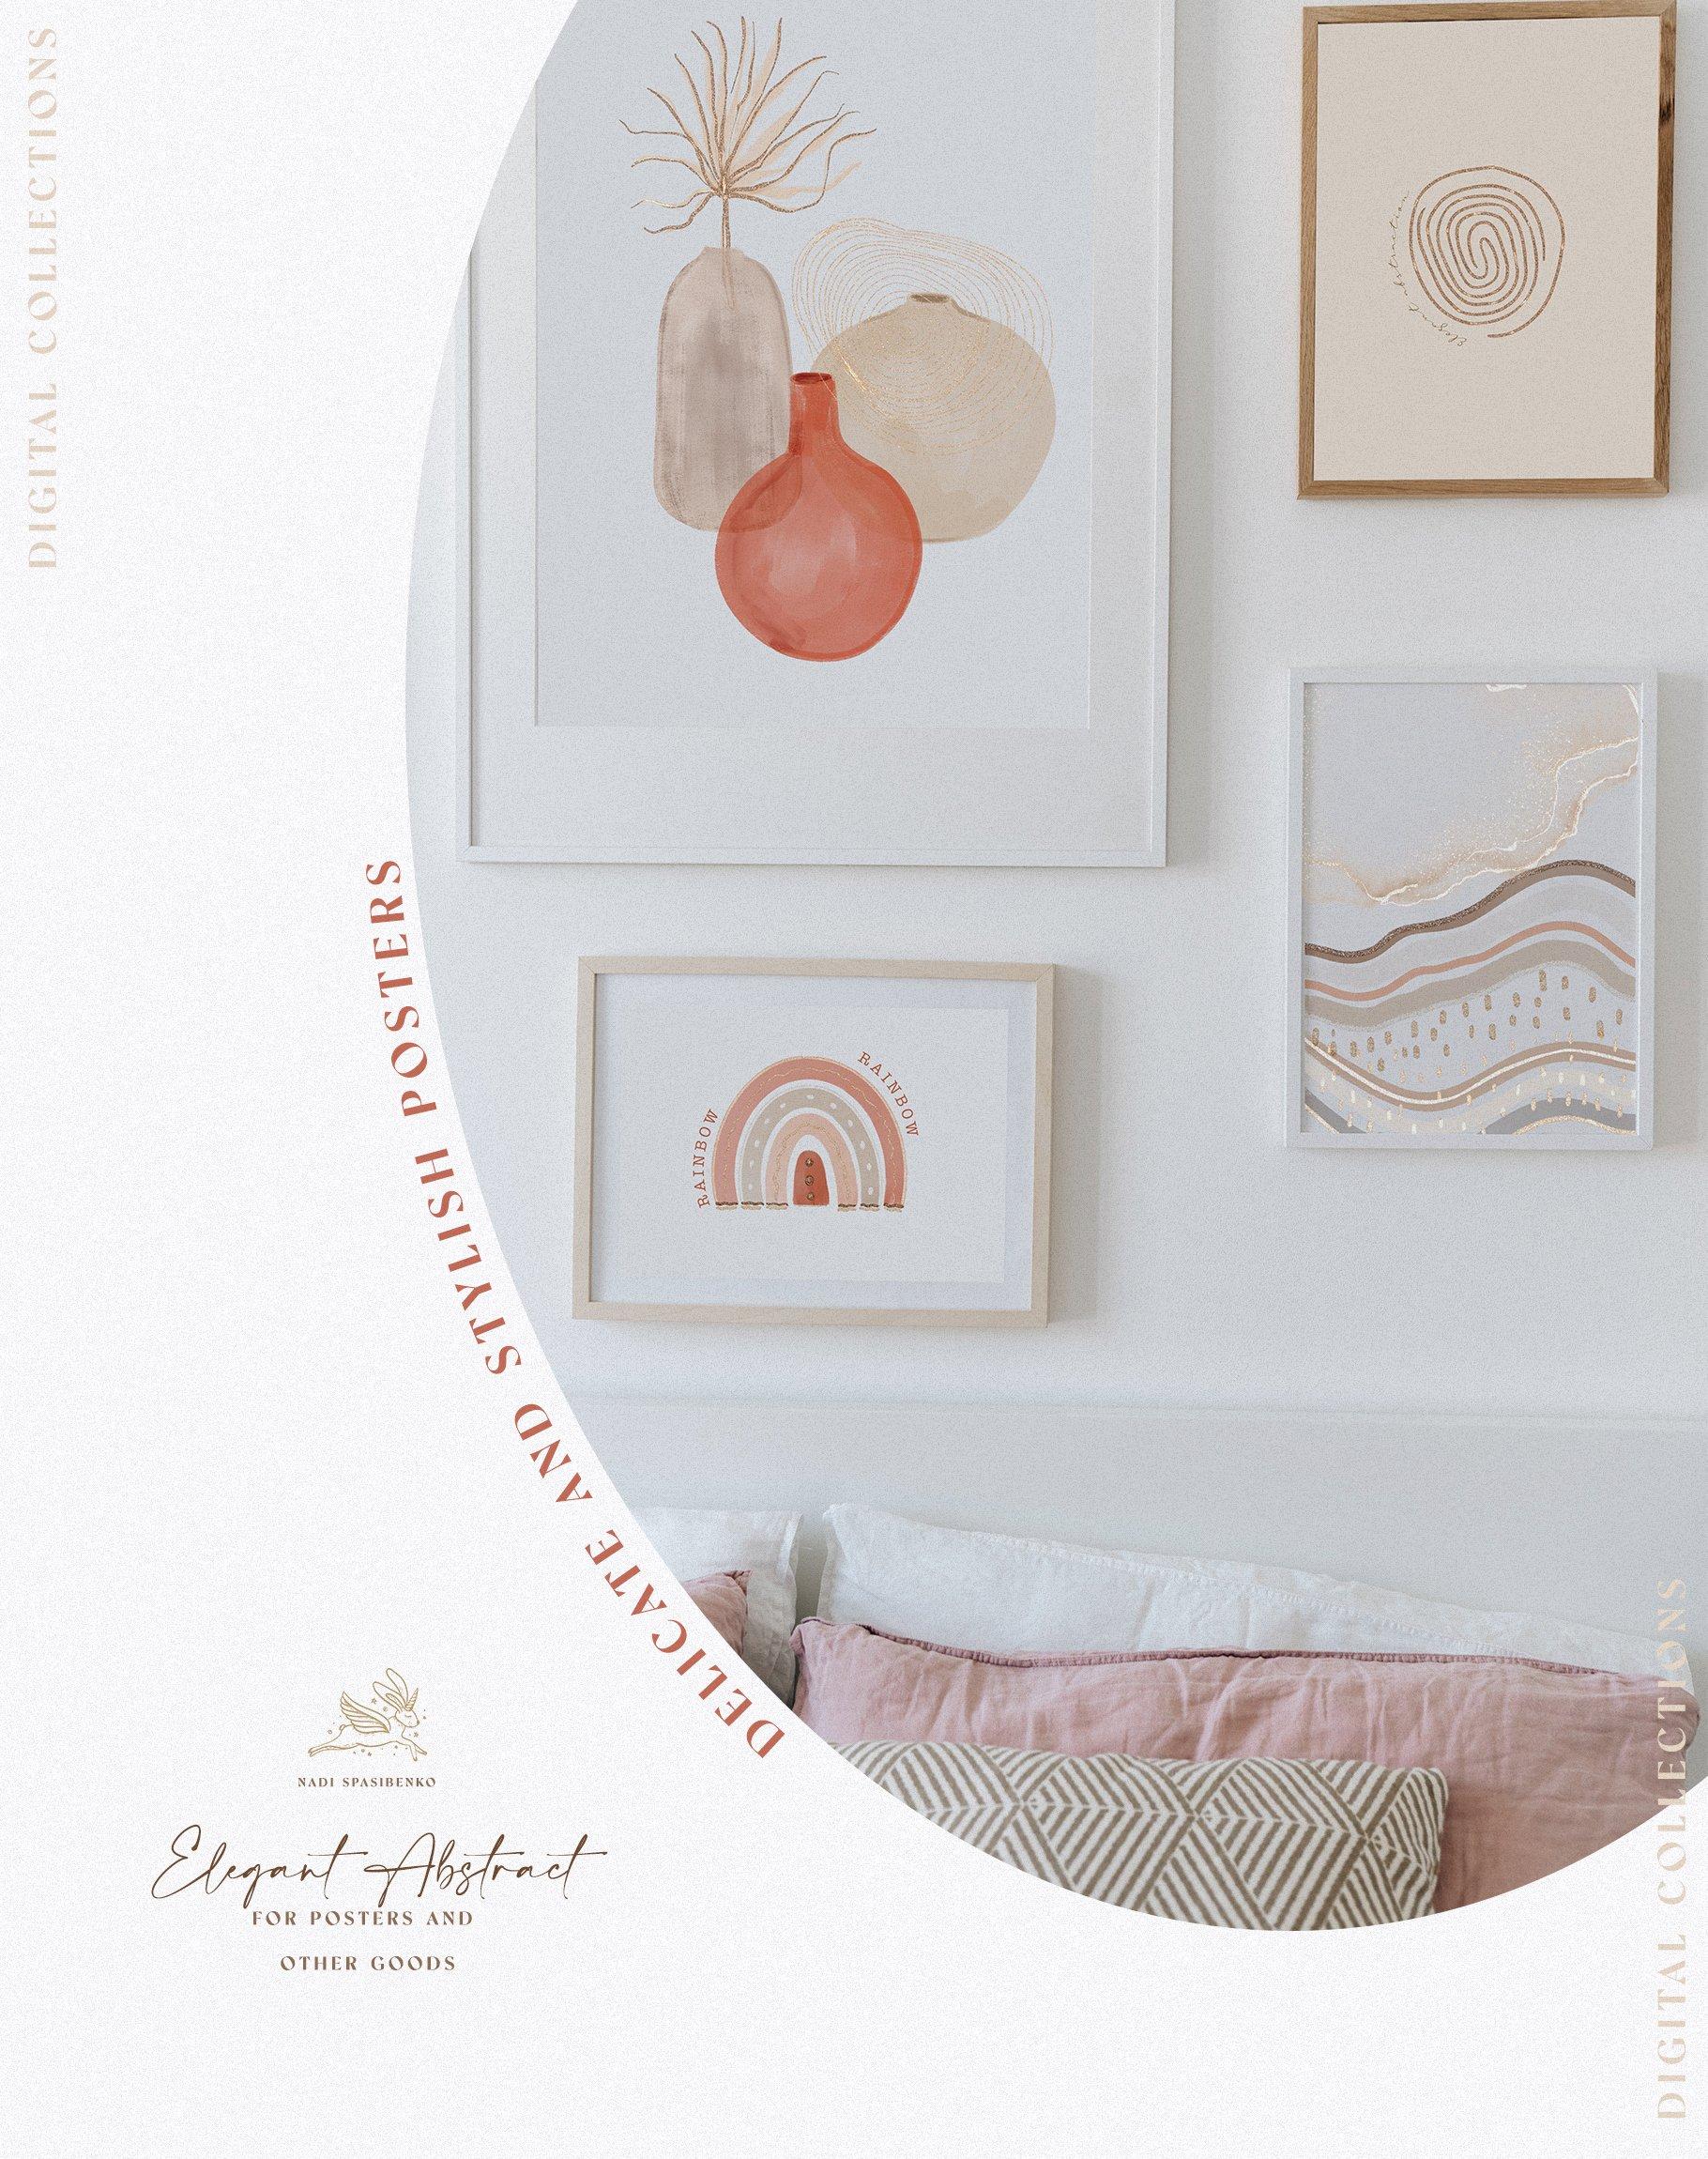 [单独购买] 时尚优雅抽象兰花玫瑰花水彩画金线PNG透明背景图片 Elegant Abstraction Modern插图7